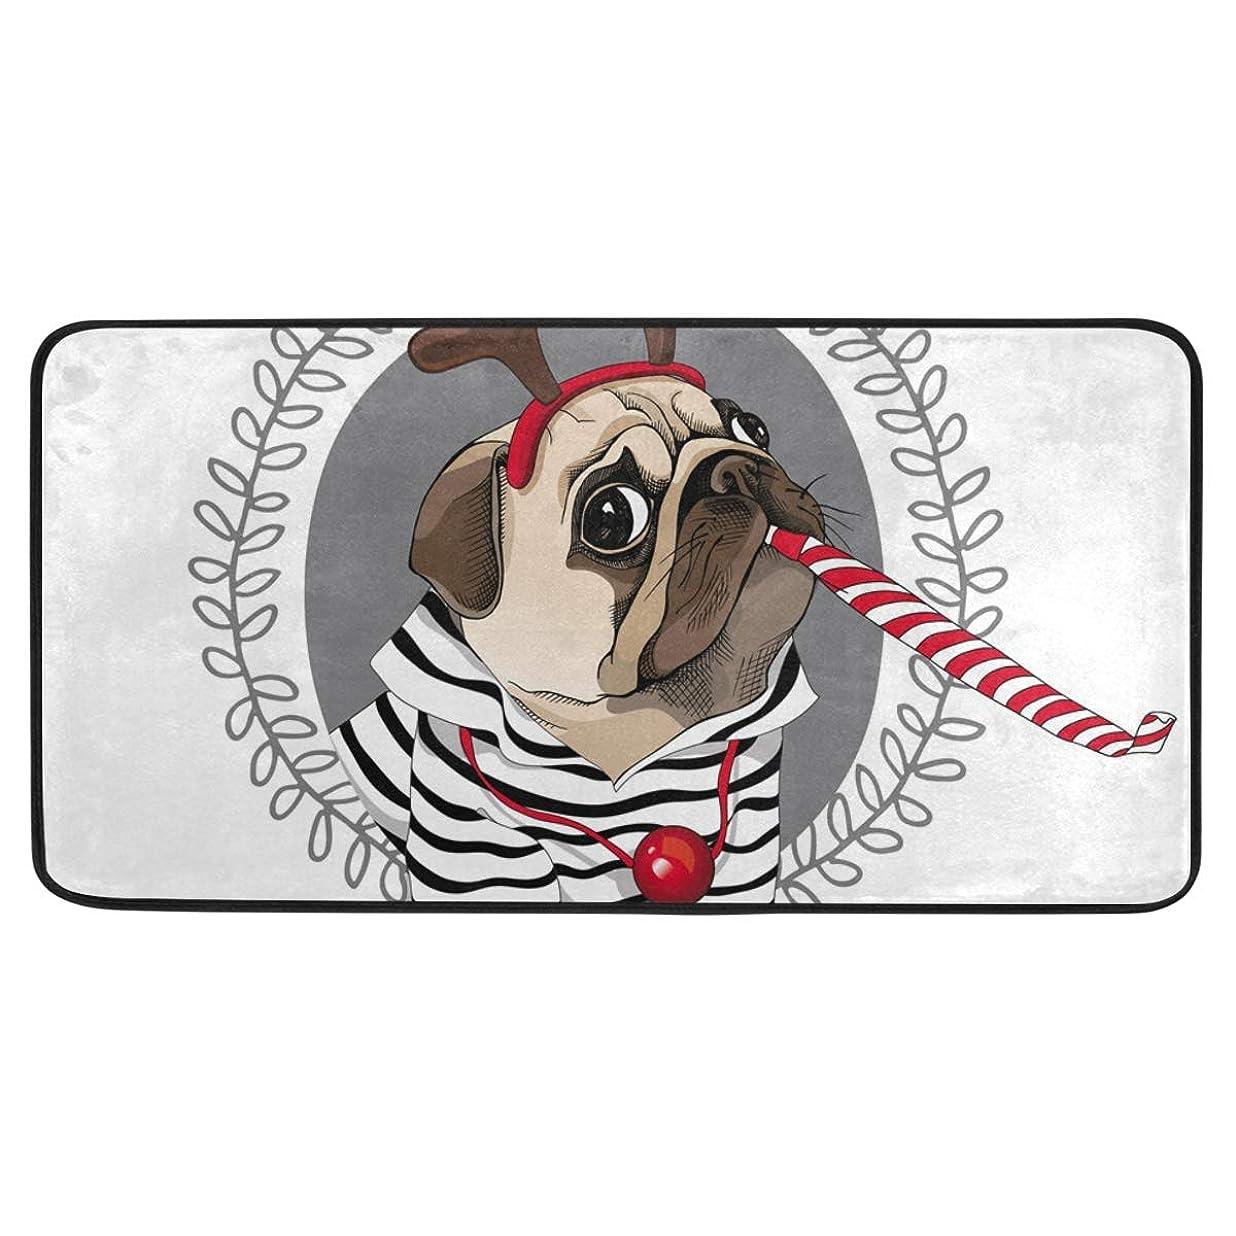 単なる命題快適SoreSore キッチンマット 洗える 滑り止め 台所マット バスマット ラグ カーペット 玄関 北欧 おしゃれ パグ クリスマス 犬柄 おもしろ 可愛い かわいい ホワイト 吸水 長方形 柔らか 丸洗い 台所用 インテリア 新居祝い プレゼント 99x50cm